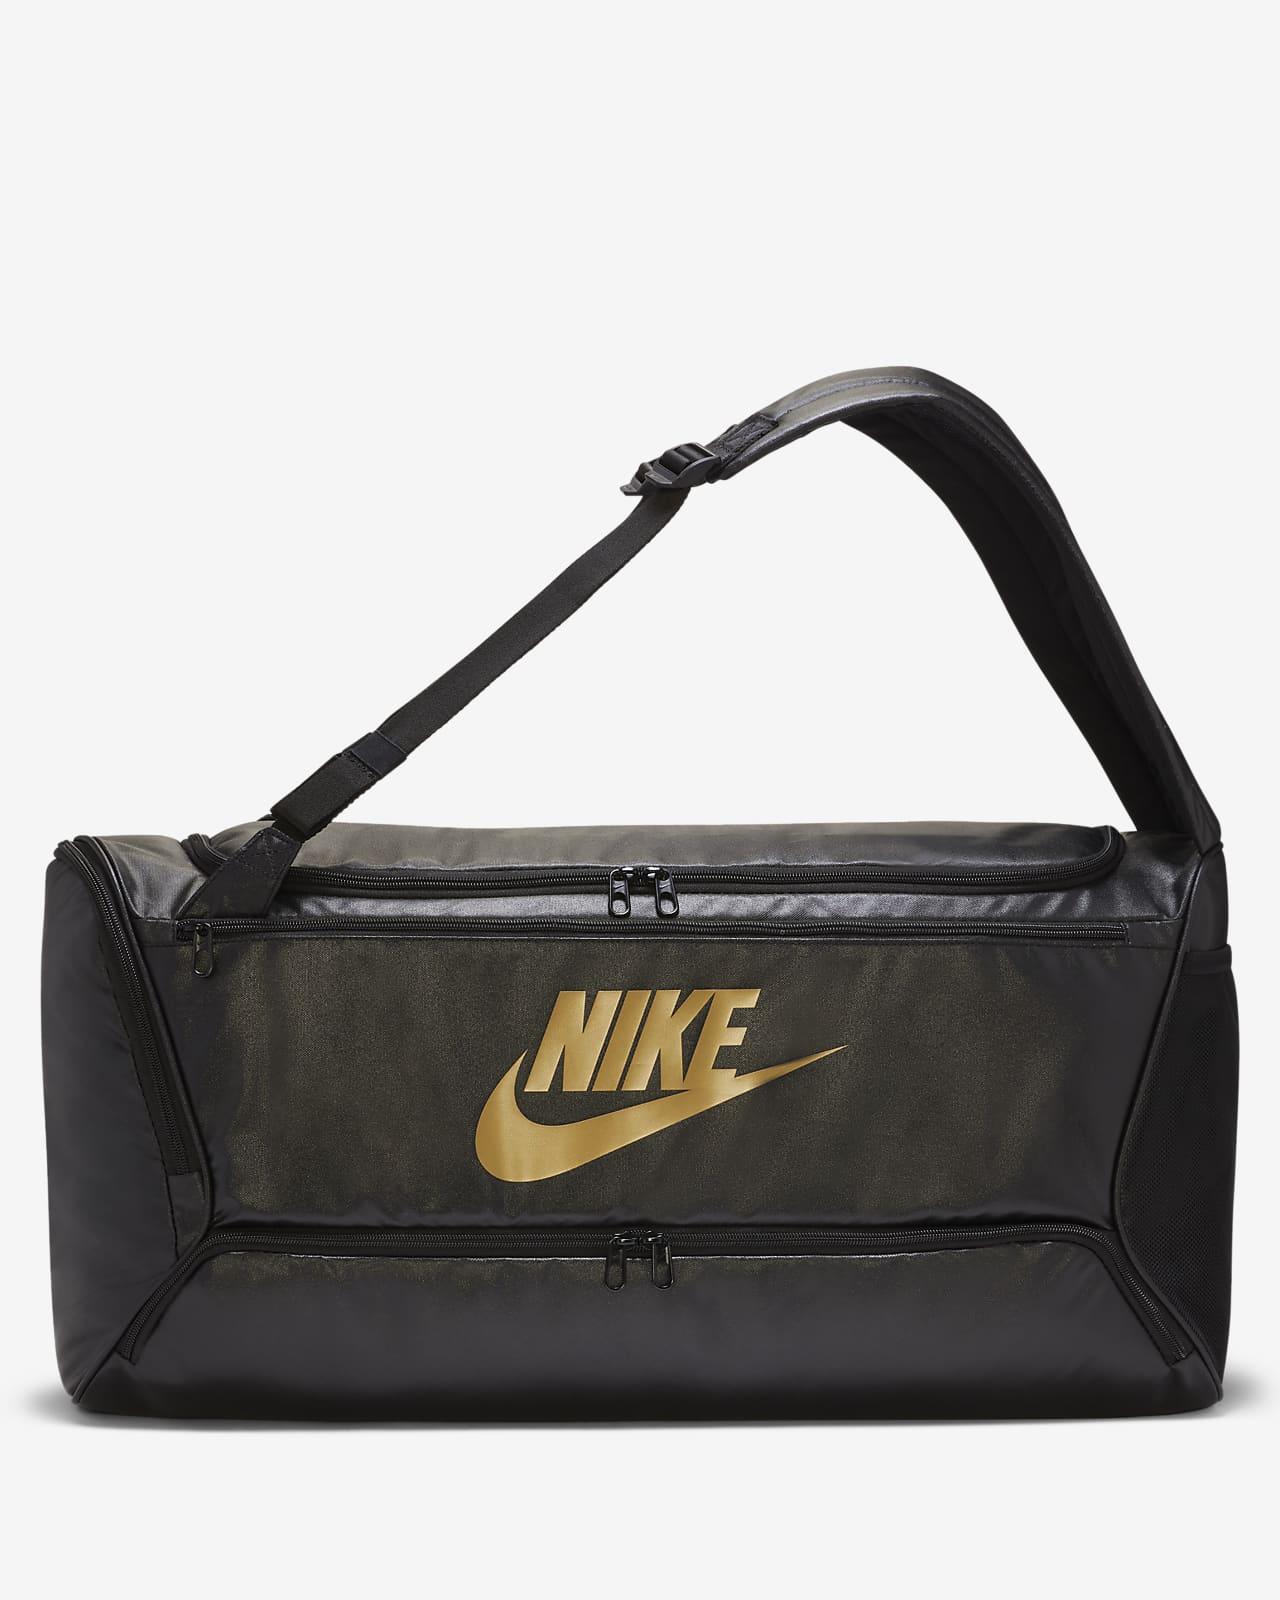 เป้สะพายหลัง/กระเป๋า Duffel เทรนนิ่งปรับเปลี่ยนได้ Nike Brasilia